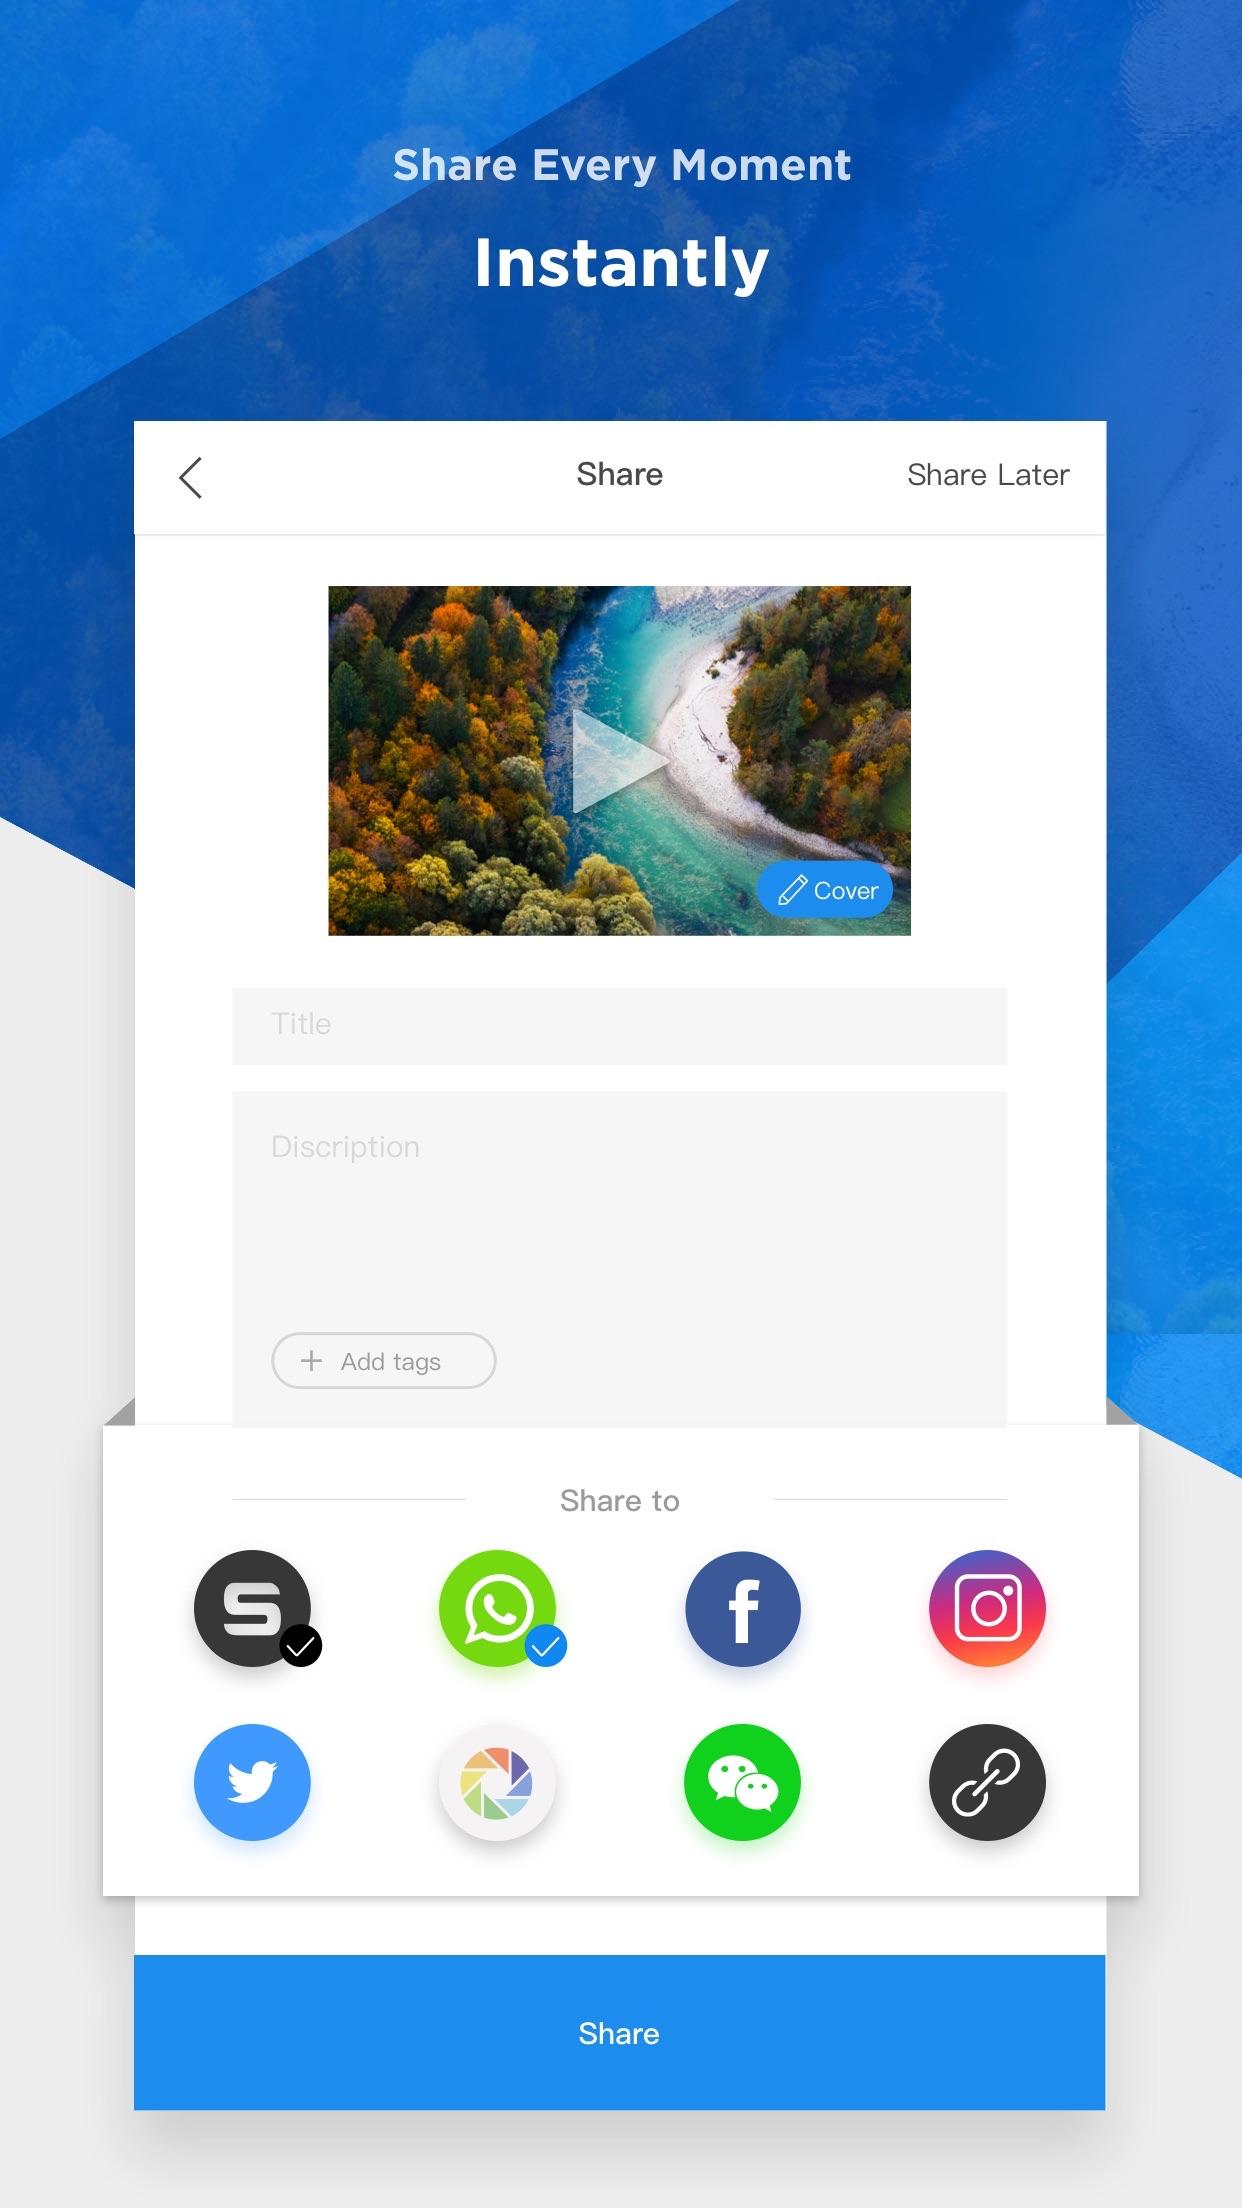 DJI GO 4 Screenshot